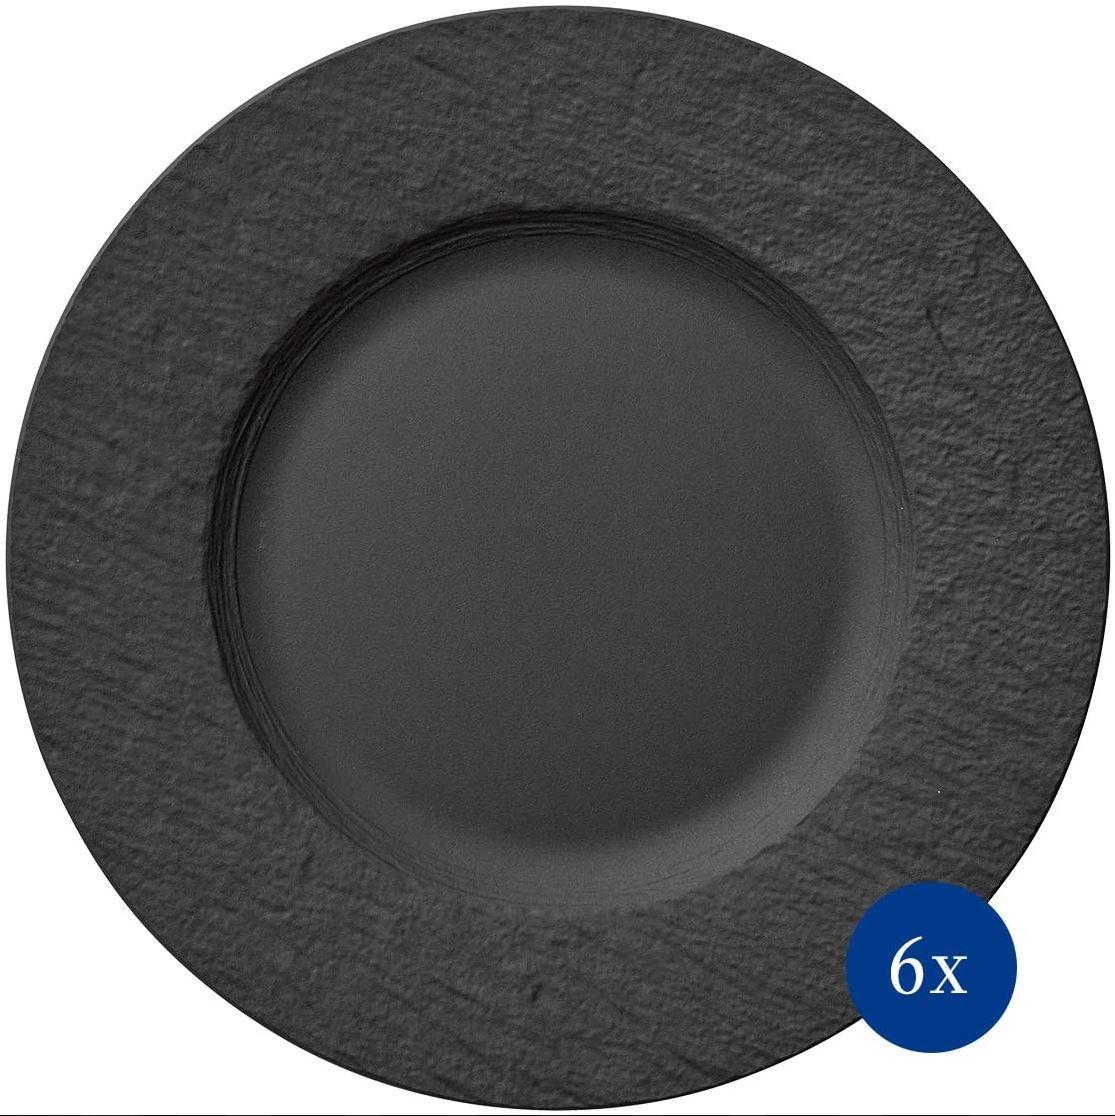 Bild zu 6-teilige Villeroy & Boch Manufacture Rock Speiseteller Set für 69,99€ (VG: 84,99€)